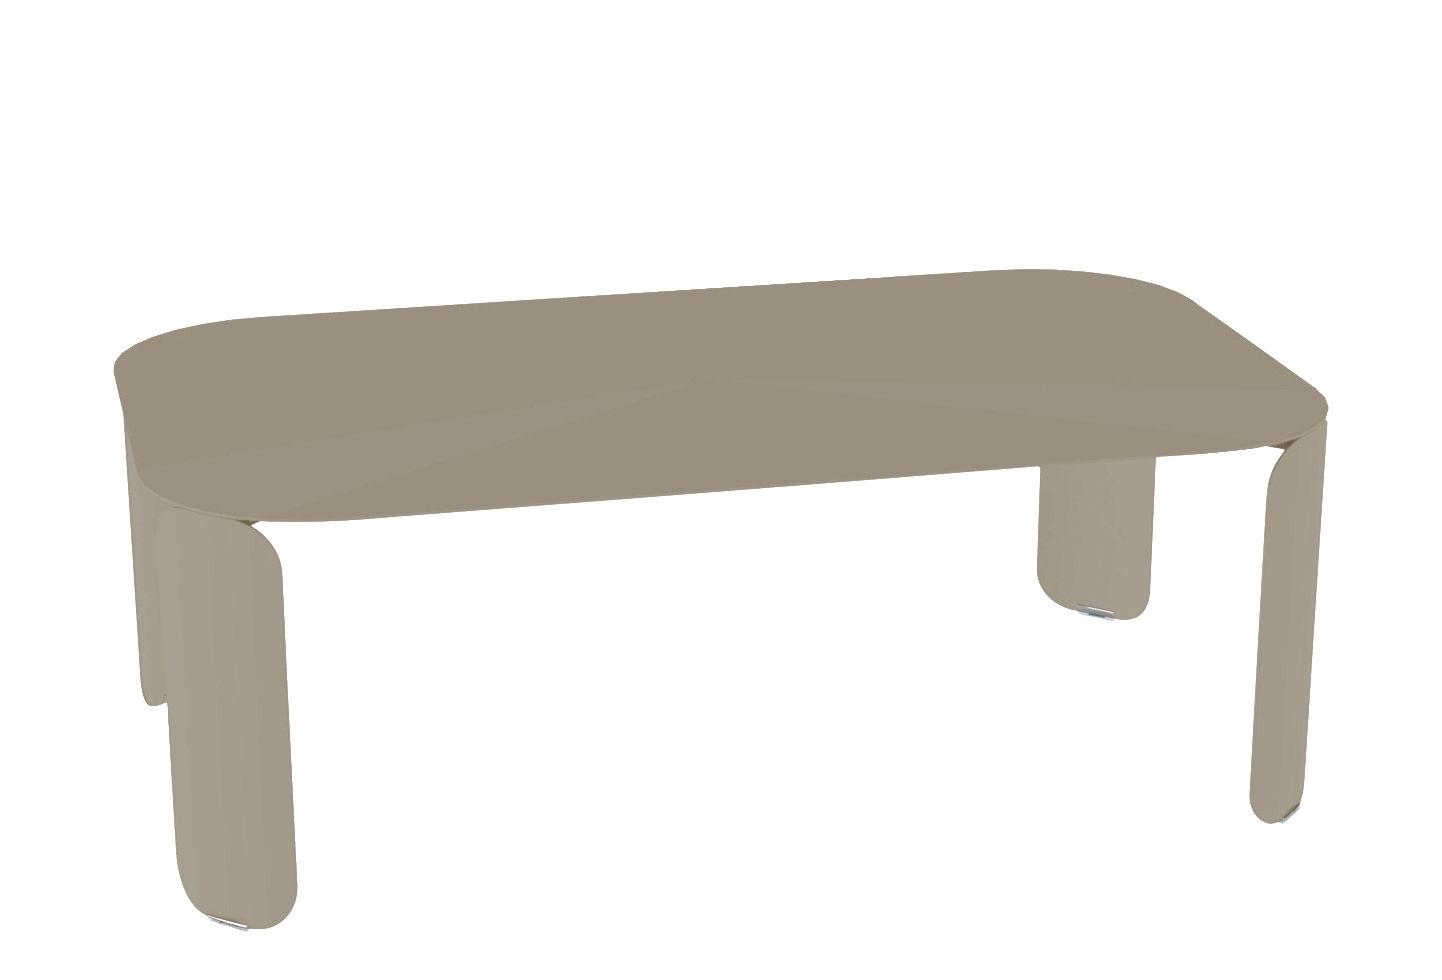 Mobilier - Tables basses - Table basse Bebop / 120 x 70 x H 42 cm - Fermob - Muscade - Acier, Aluminium